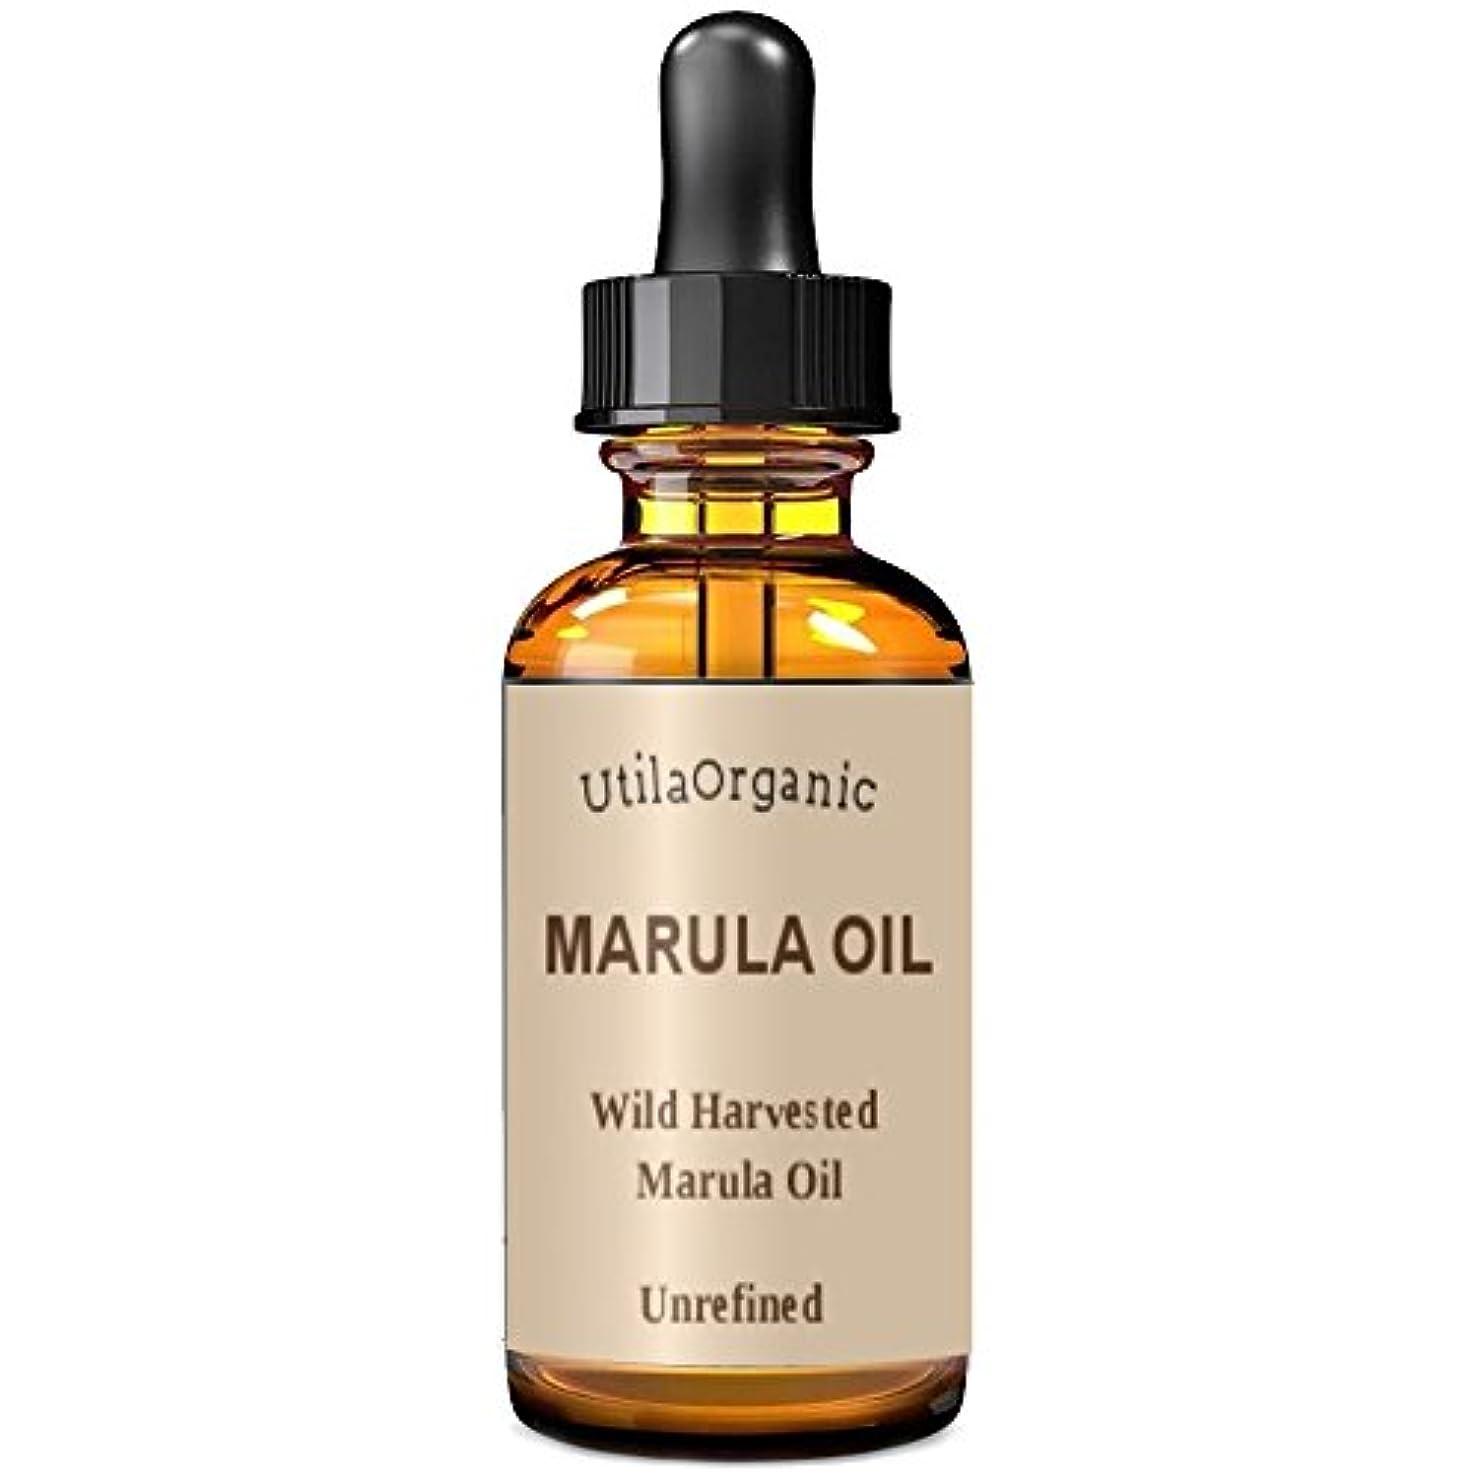 フクロウナイトスポットマトロン未精製 マルラオイル 60ml Marula Oil 100% pure and natural 【並行輸入品】